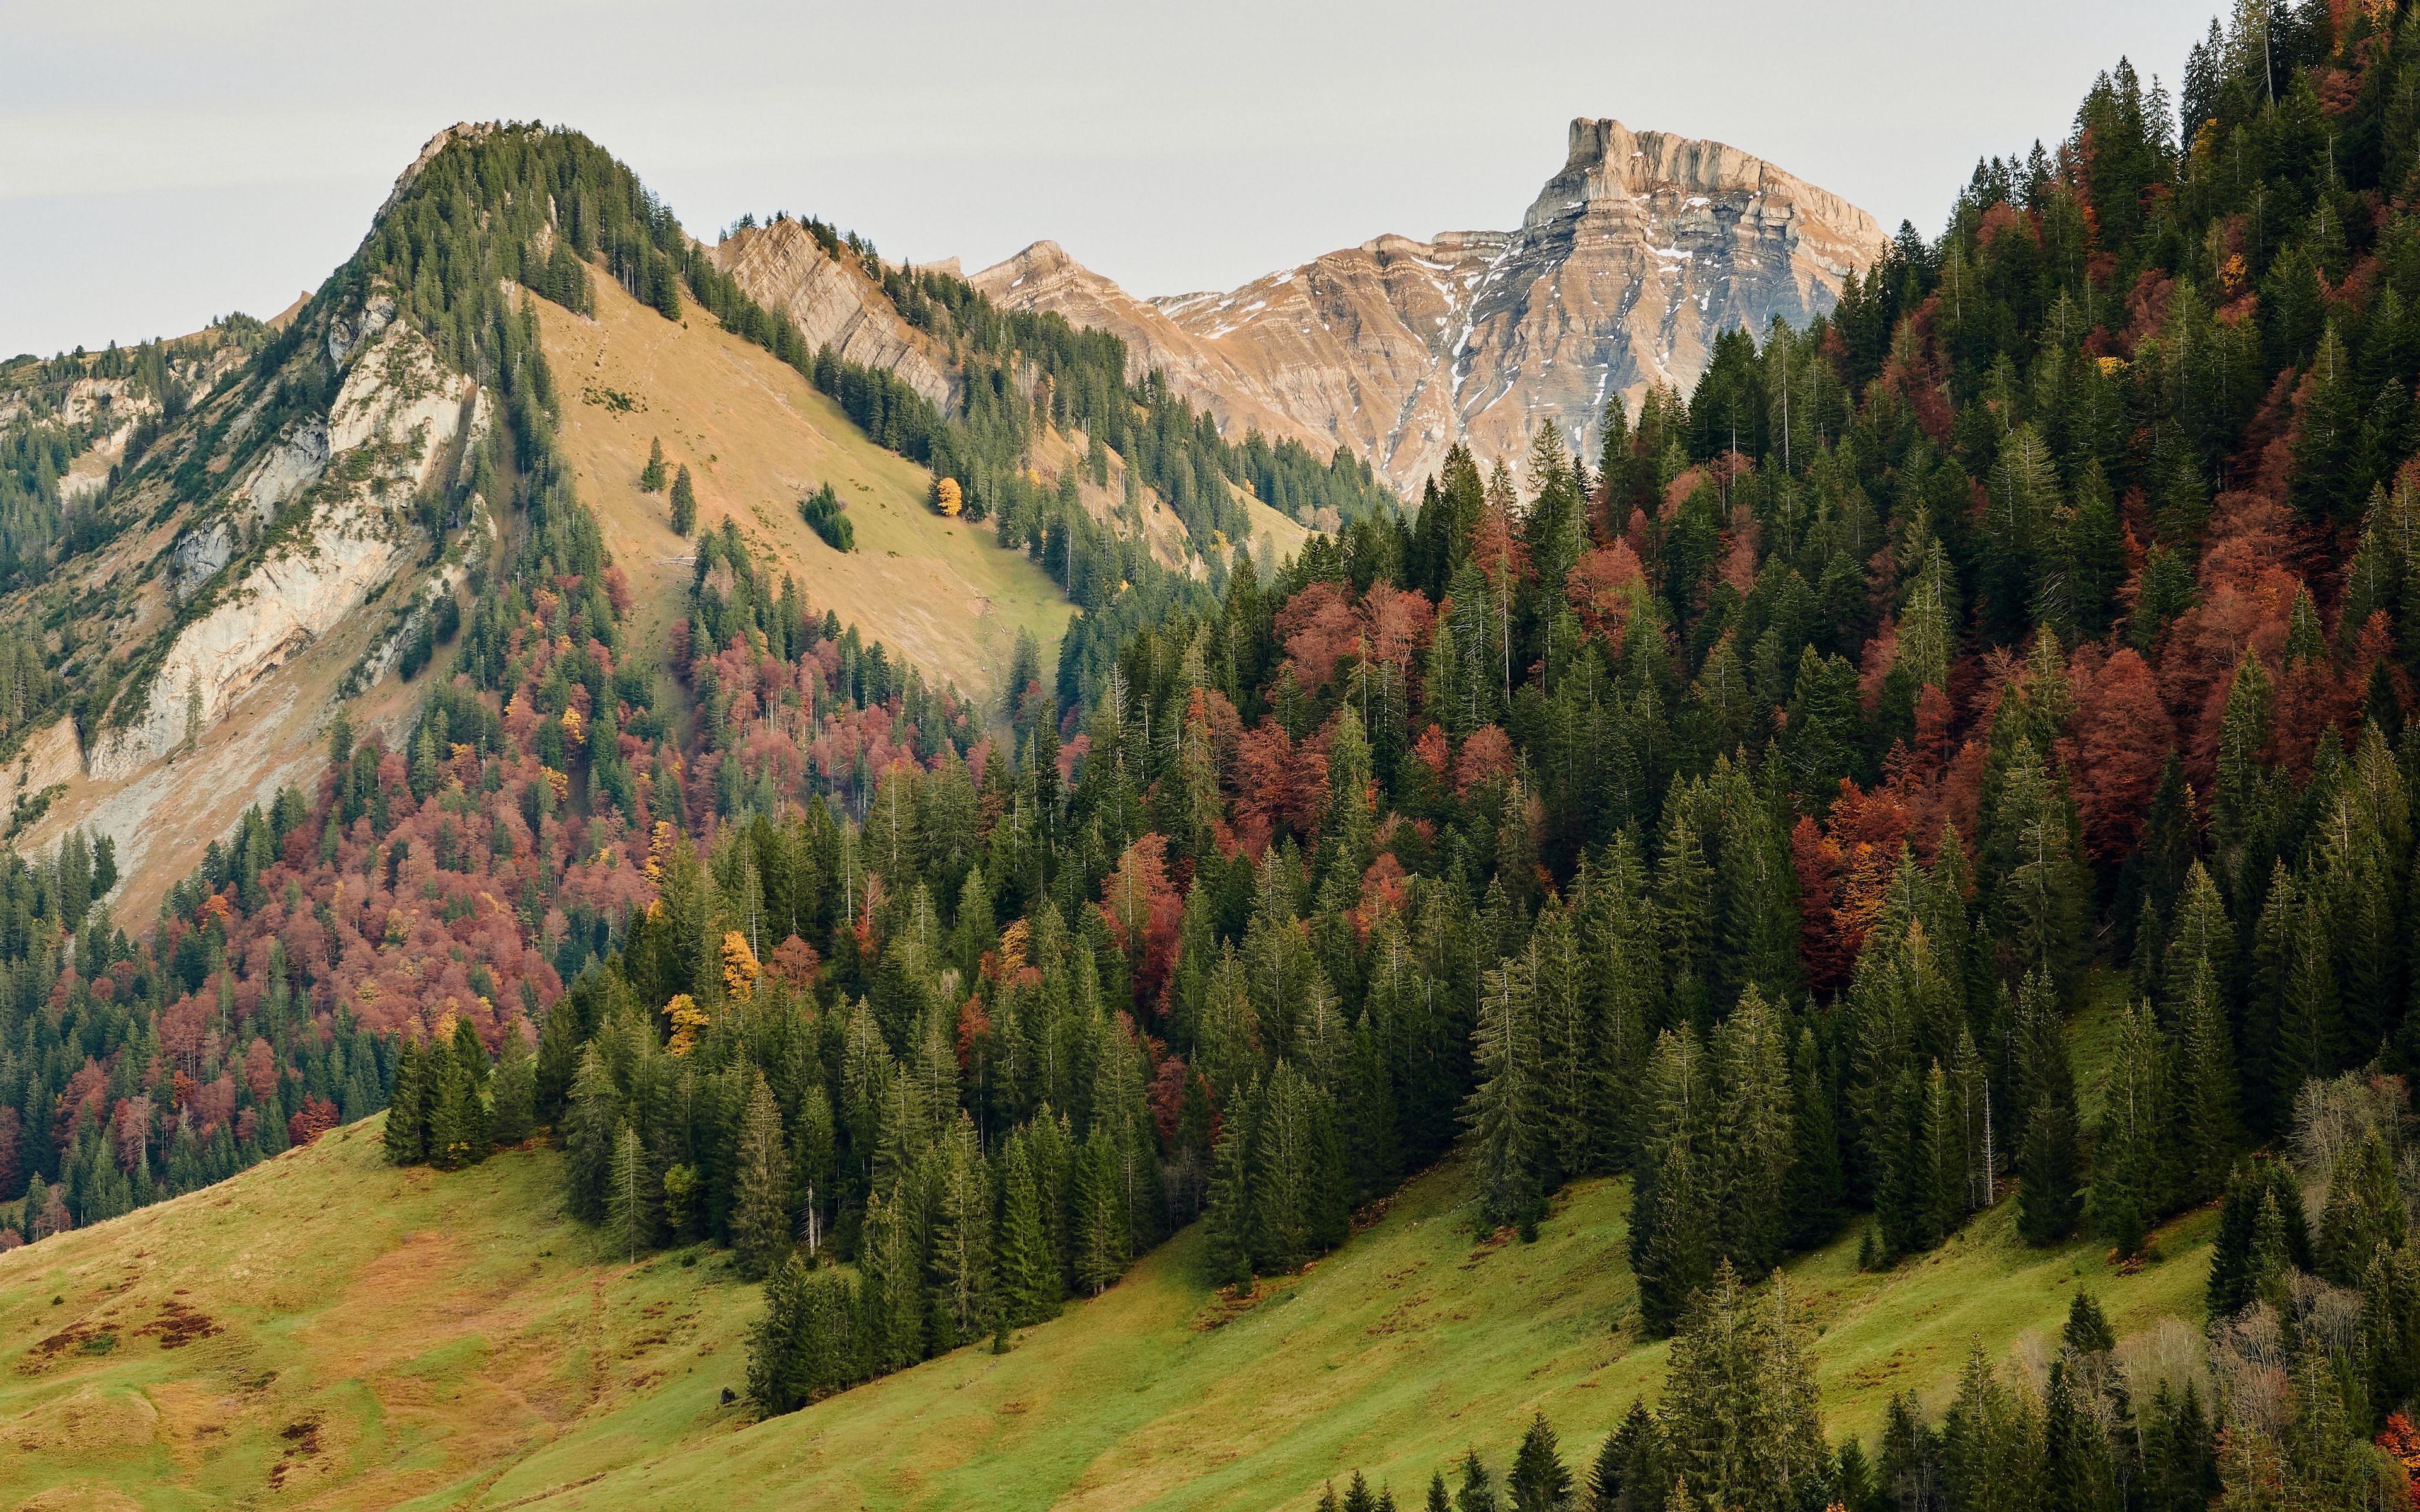 Fondos de pantalla Montañas en bosque durante el otoño